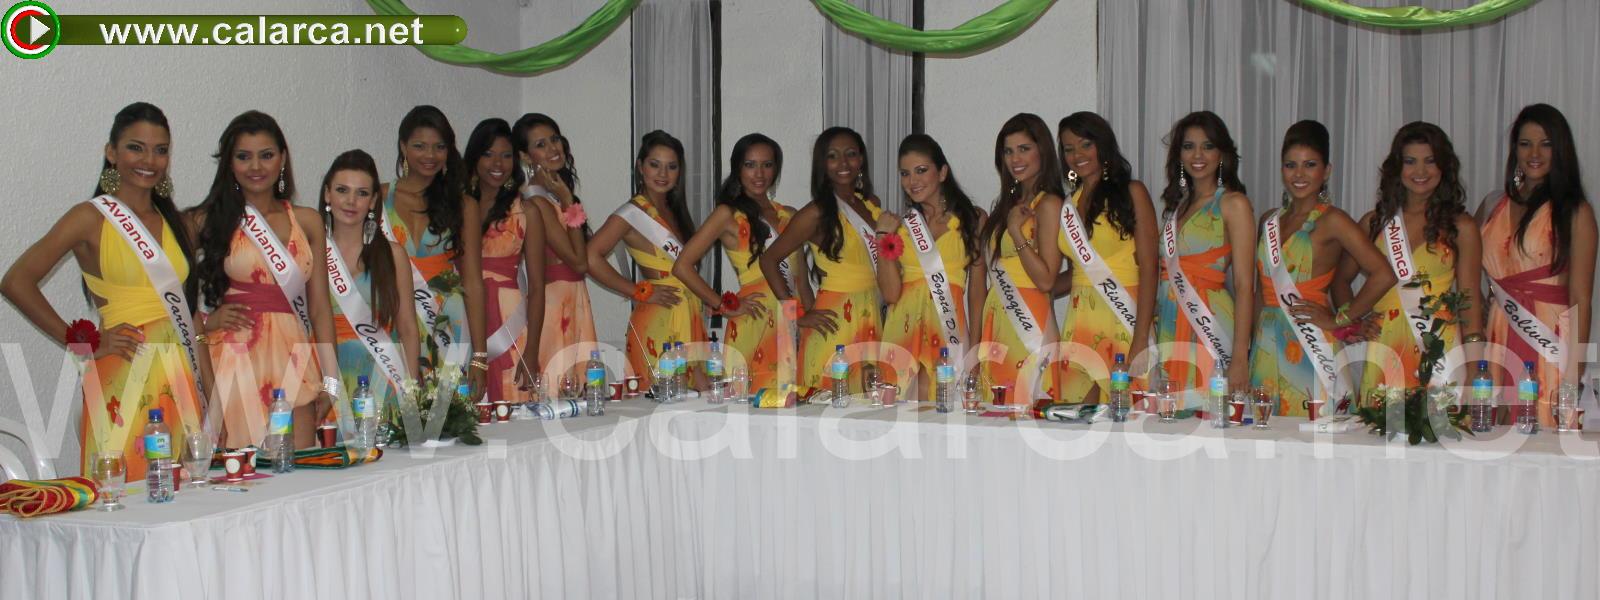 Las 16 candidatas